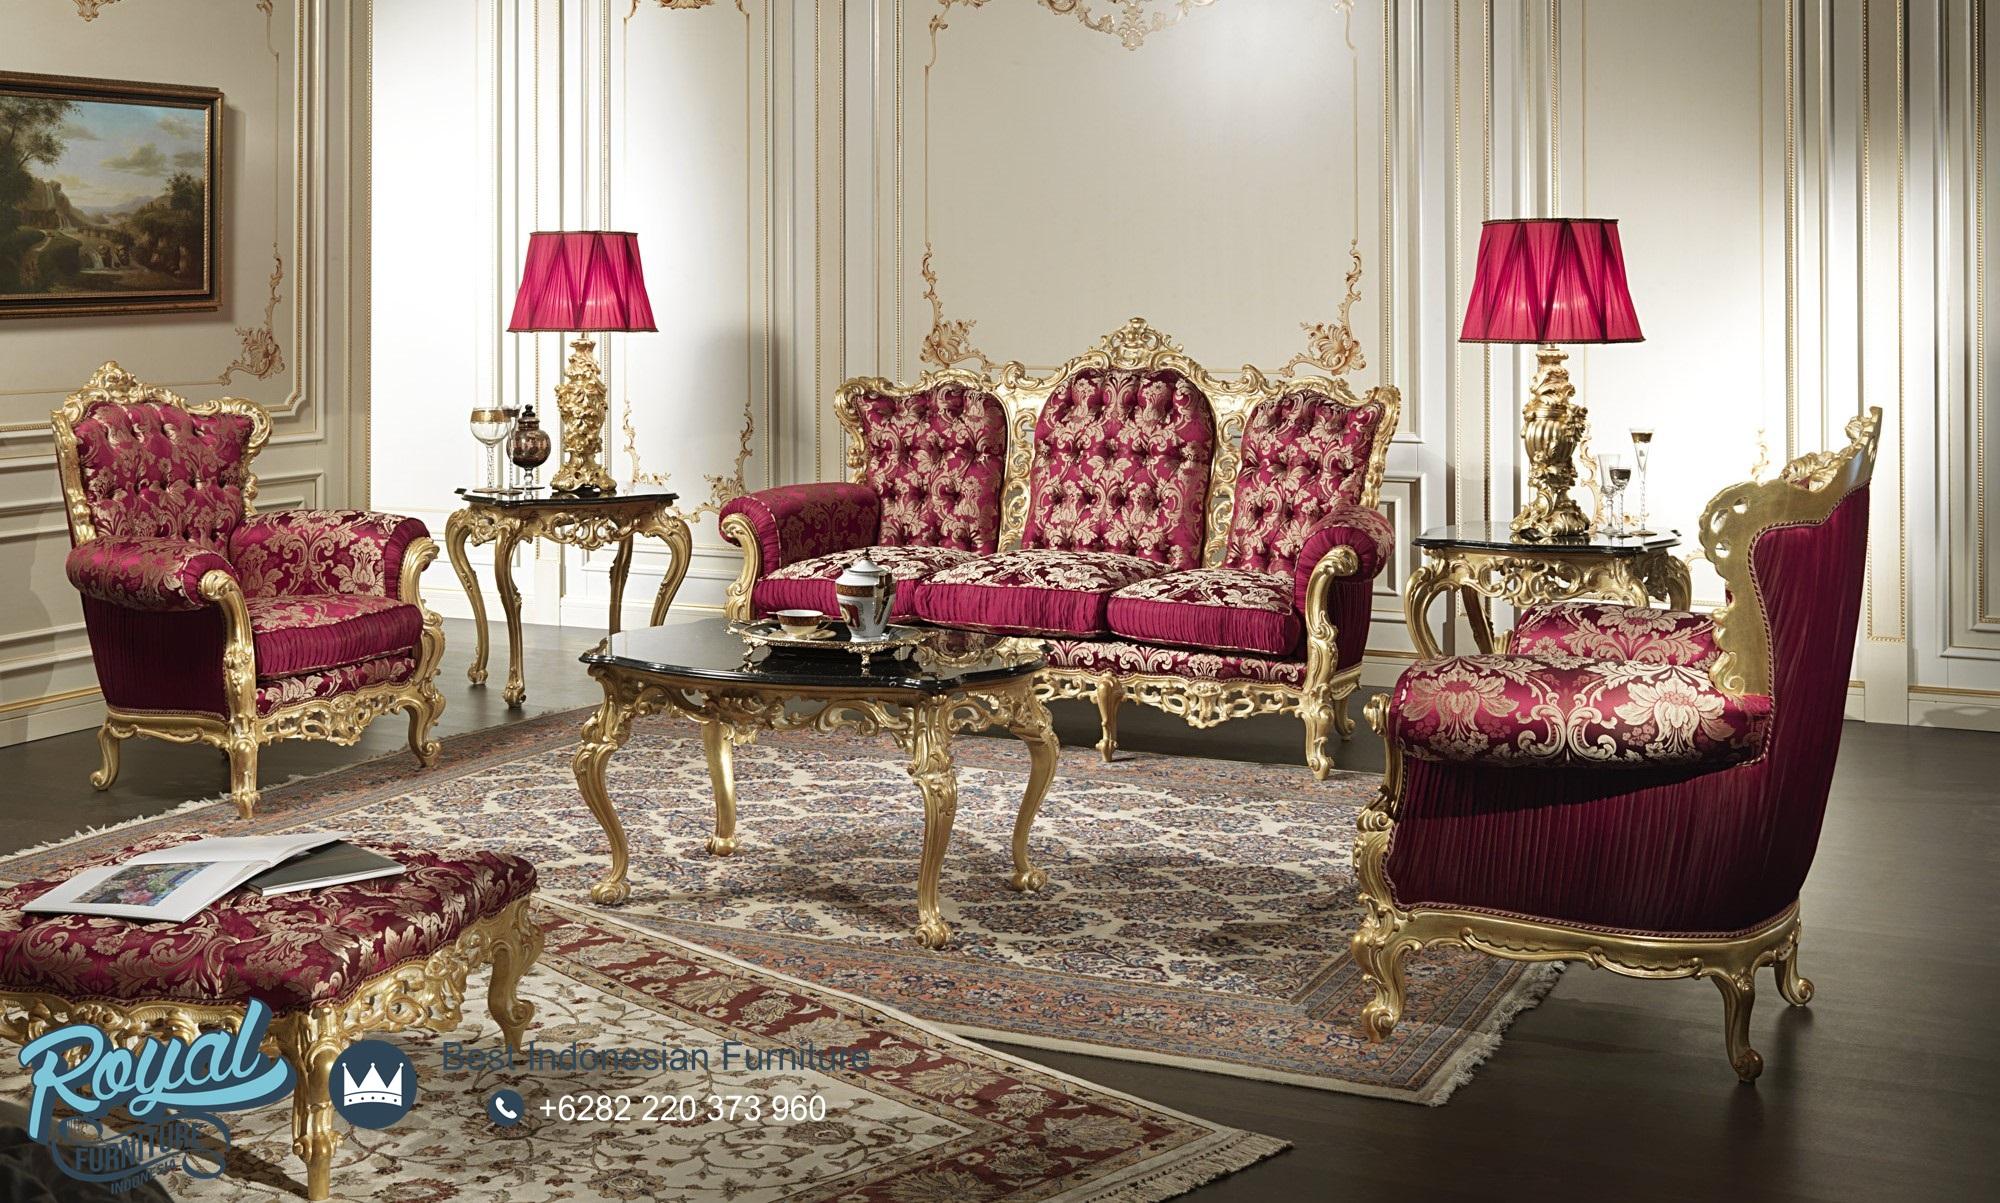 Set Kursi Sofa Tamu Mewah Ukir Jepara Baroque, sofa tamu jepara gold duco, set sofa tamu klasik, set sofa tamu modern, sofa klasik minimalis, sofa klasik mewah, sofa klasik eropa, kursi tamu klasik minimalis, kursi tamu klasik eropa, kursi klasik jawa, sofa tamu klasik modern, sofa kursi ruang tamu klasik elegan, set sofa tamu mewah modern jati klasik, kursi tamu sofa klasik, kursi tamu mewah, sofa tamu klasik, set sofa tamu mewah, sofa tamu mewah terbaru 2019, jual sofa tamu ukir jepara klasik, sofa tamu klasik, royal furniture